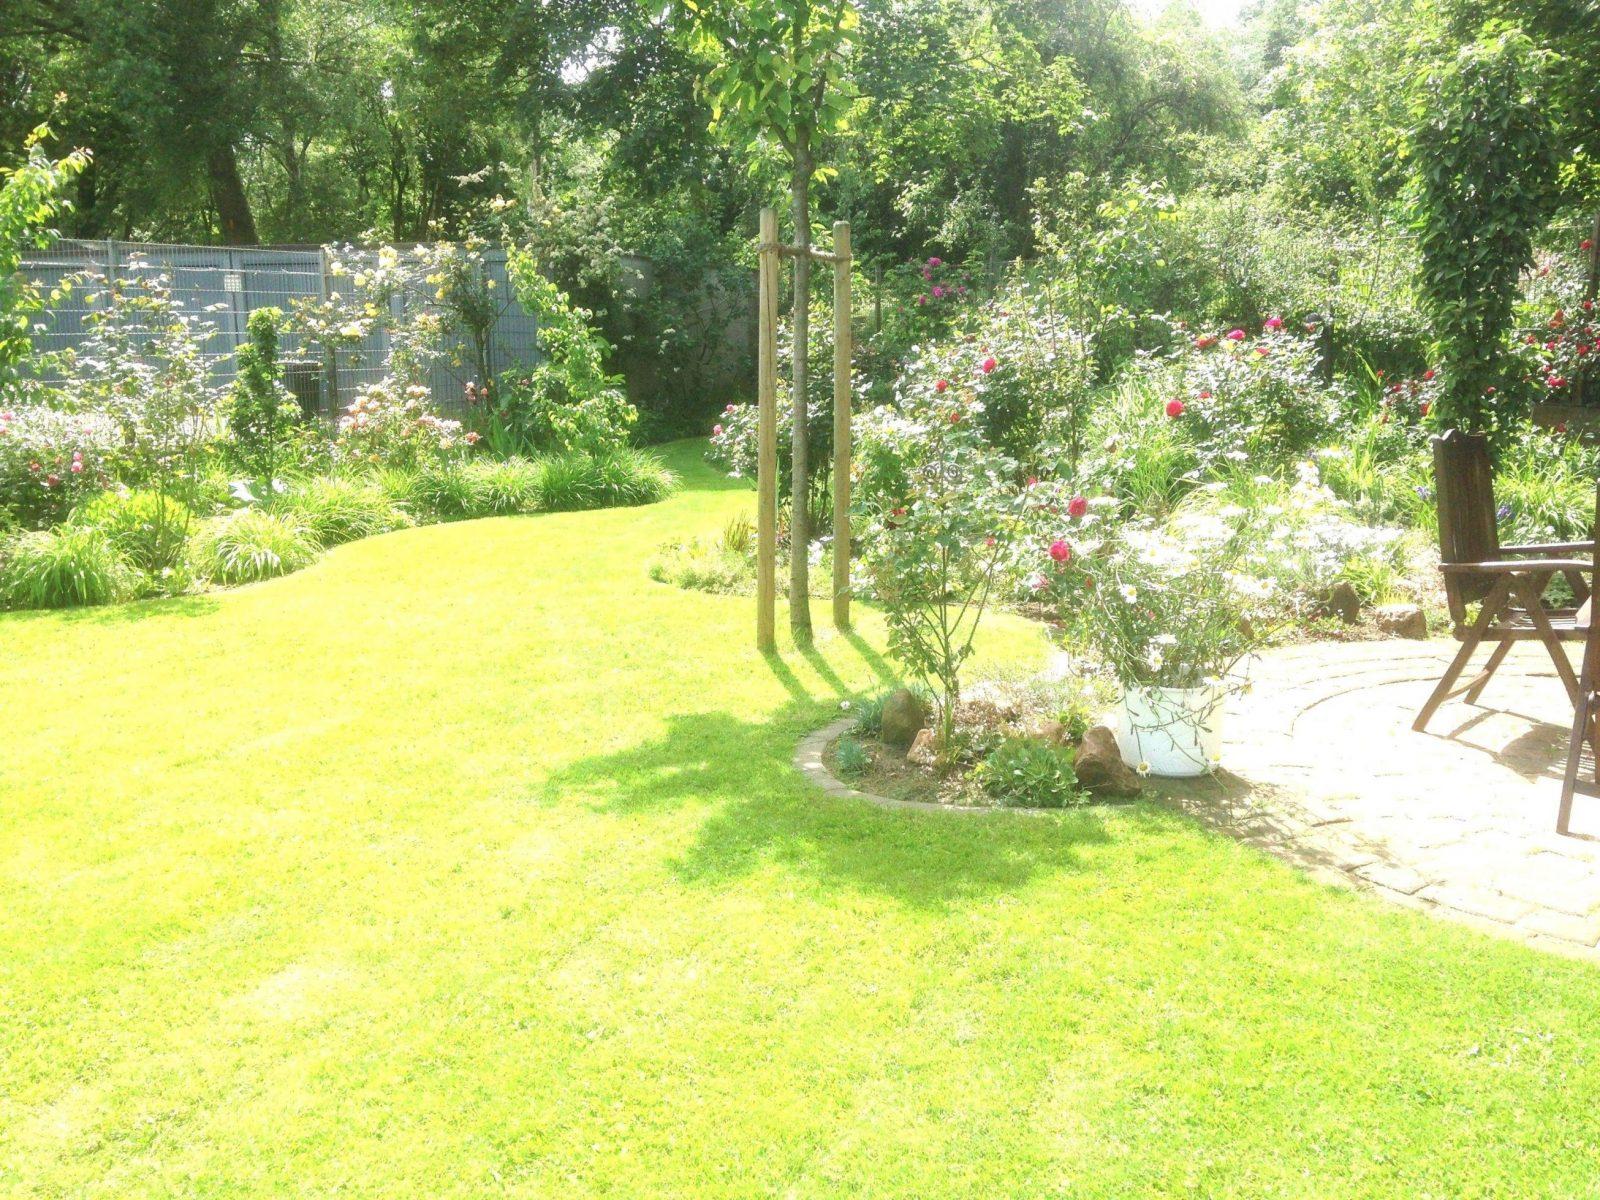 Steingarten Anlegen Reizend Garten Mit Steinen Anlegen Luxuriös von Garten Mit Kies Bilder Photo